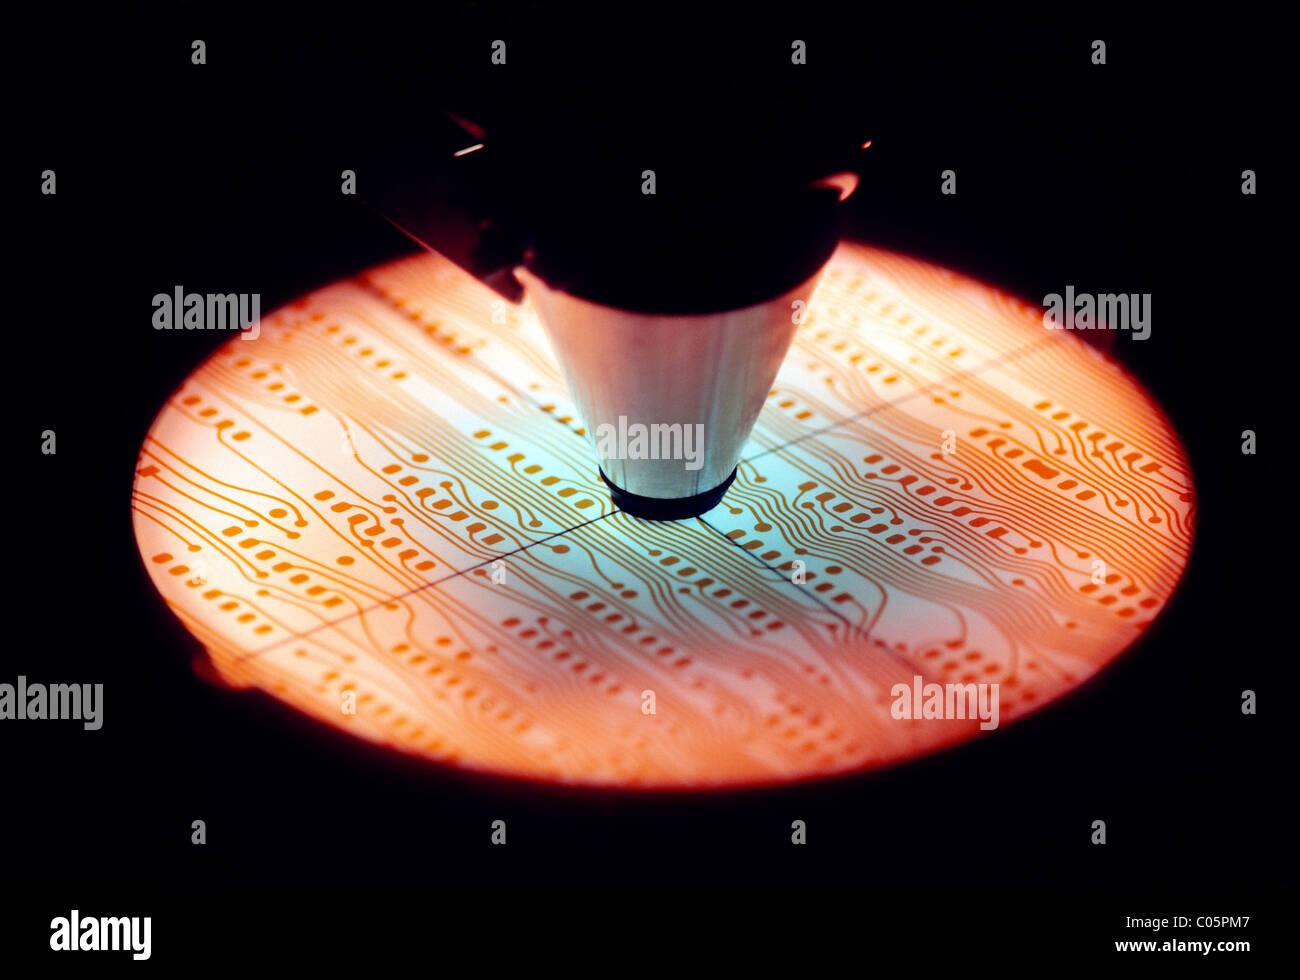 Microscopio utilizzato per ispezionare le schede di circuito da utilizzare sul computer chip micro Immagini Stock